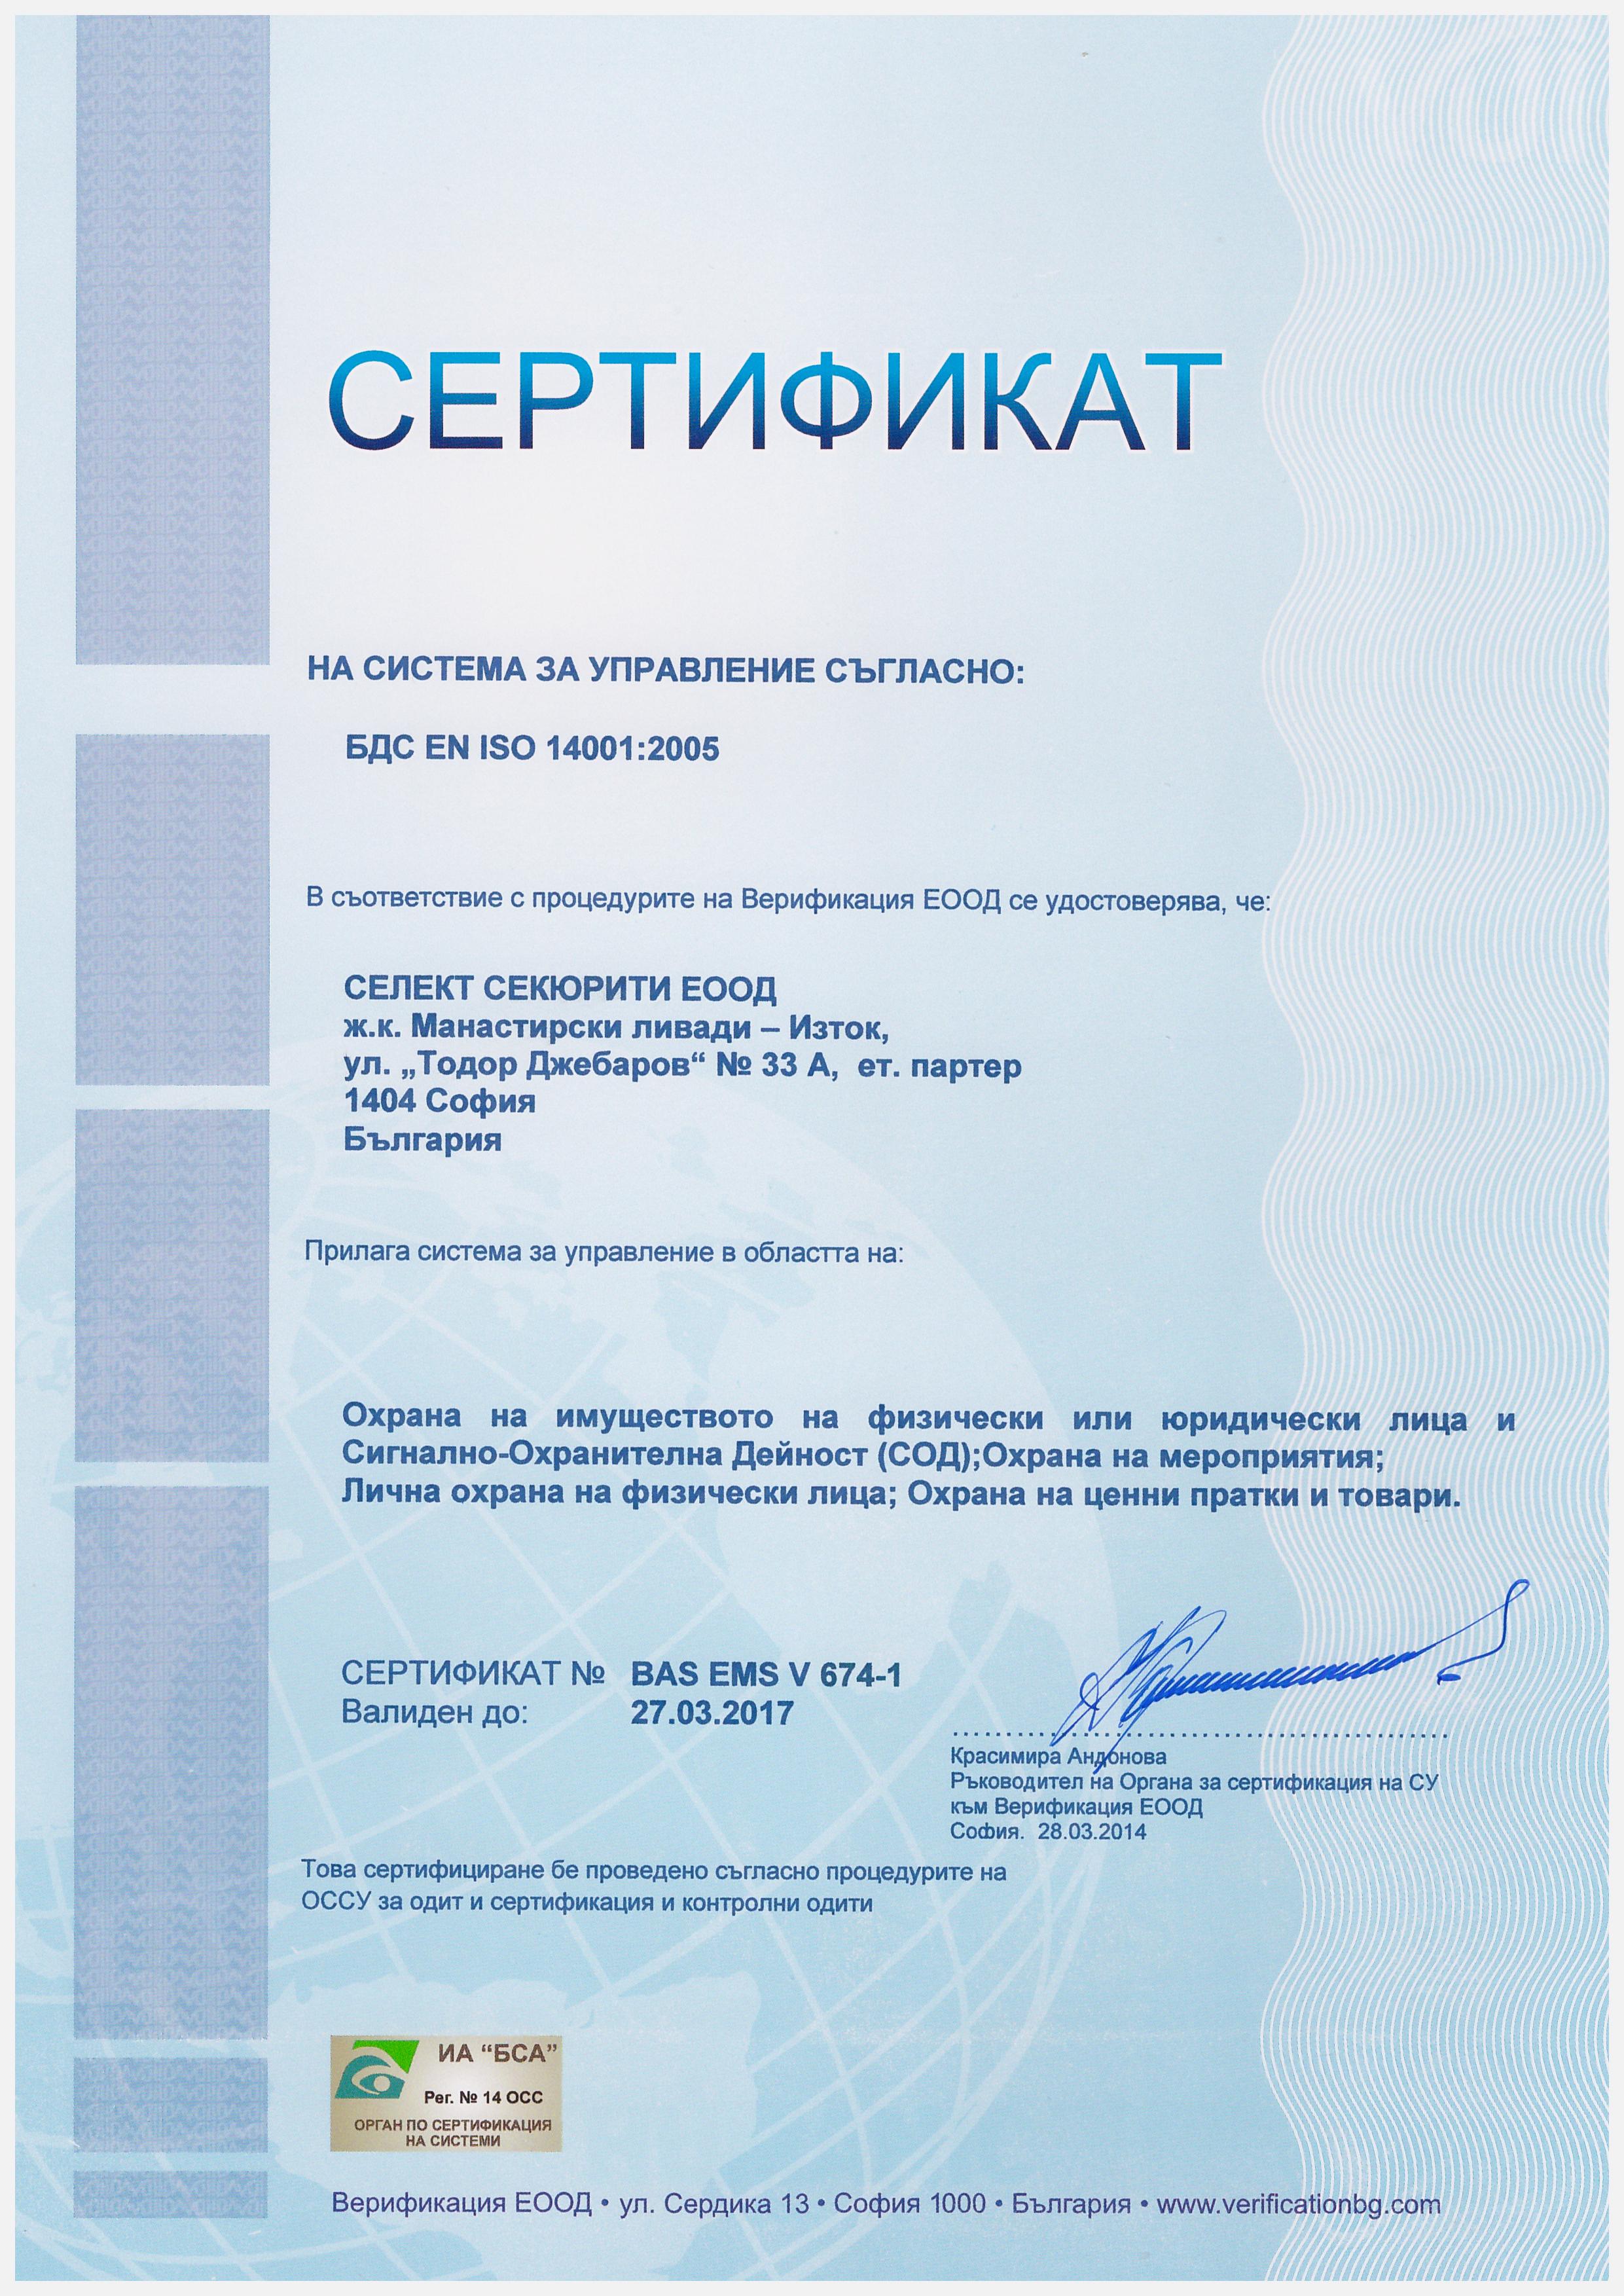 Сертификат на система за управление